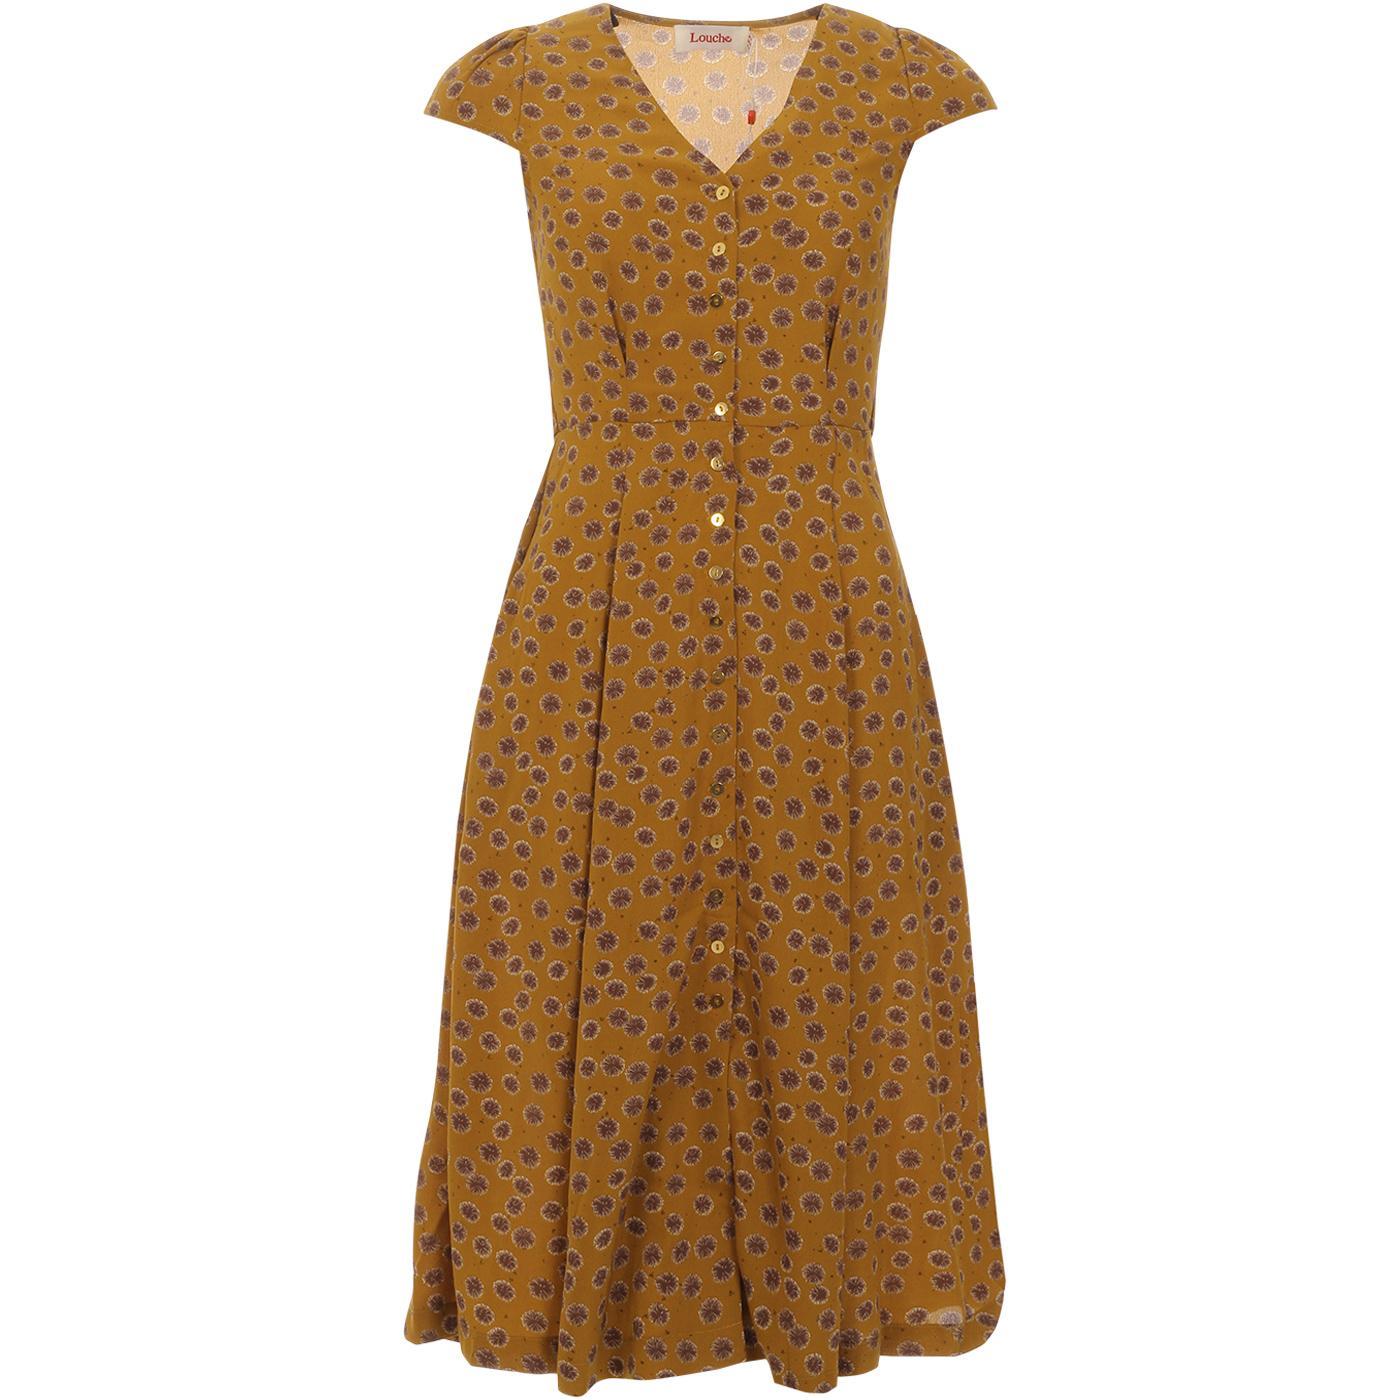 Cathy LOUCHE Dandelion Print Tea Dress In Mustard